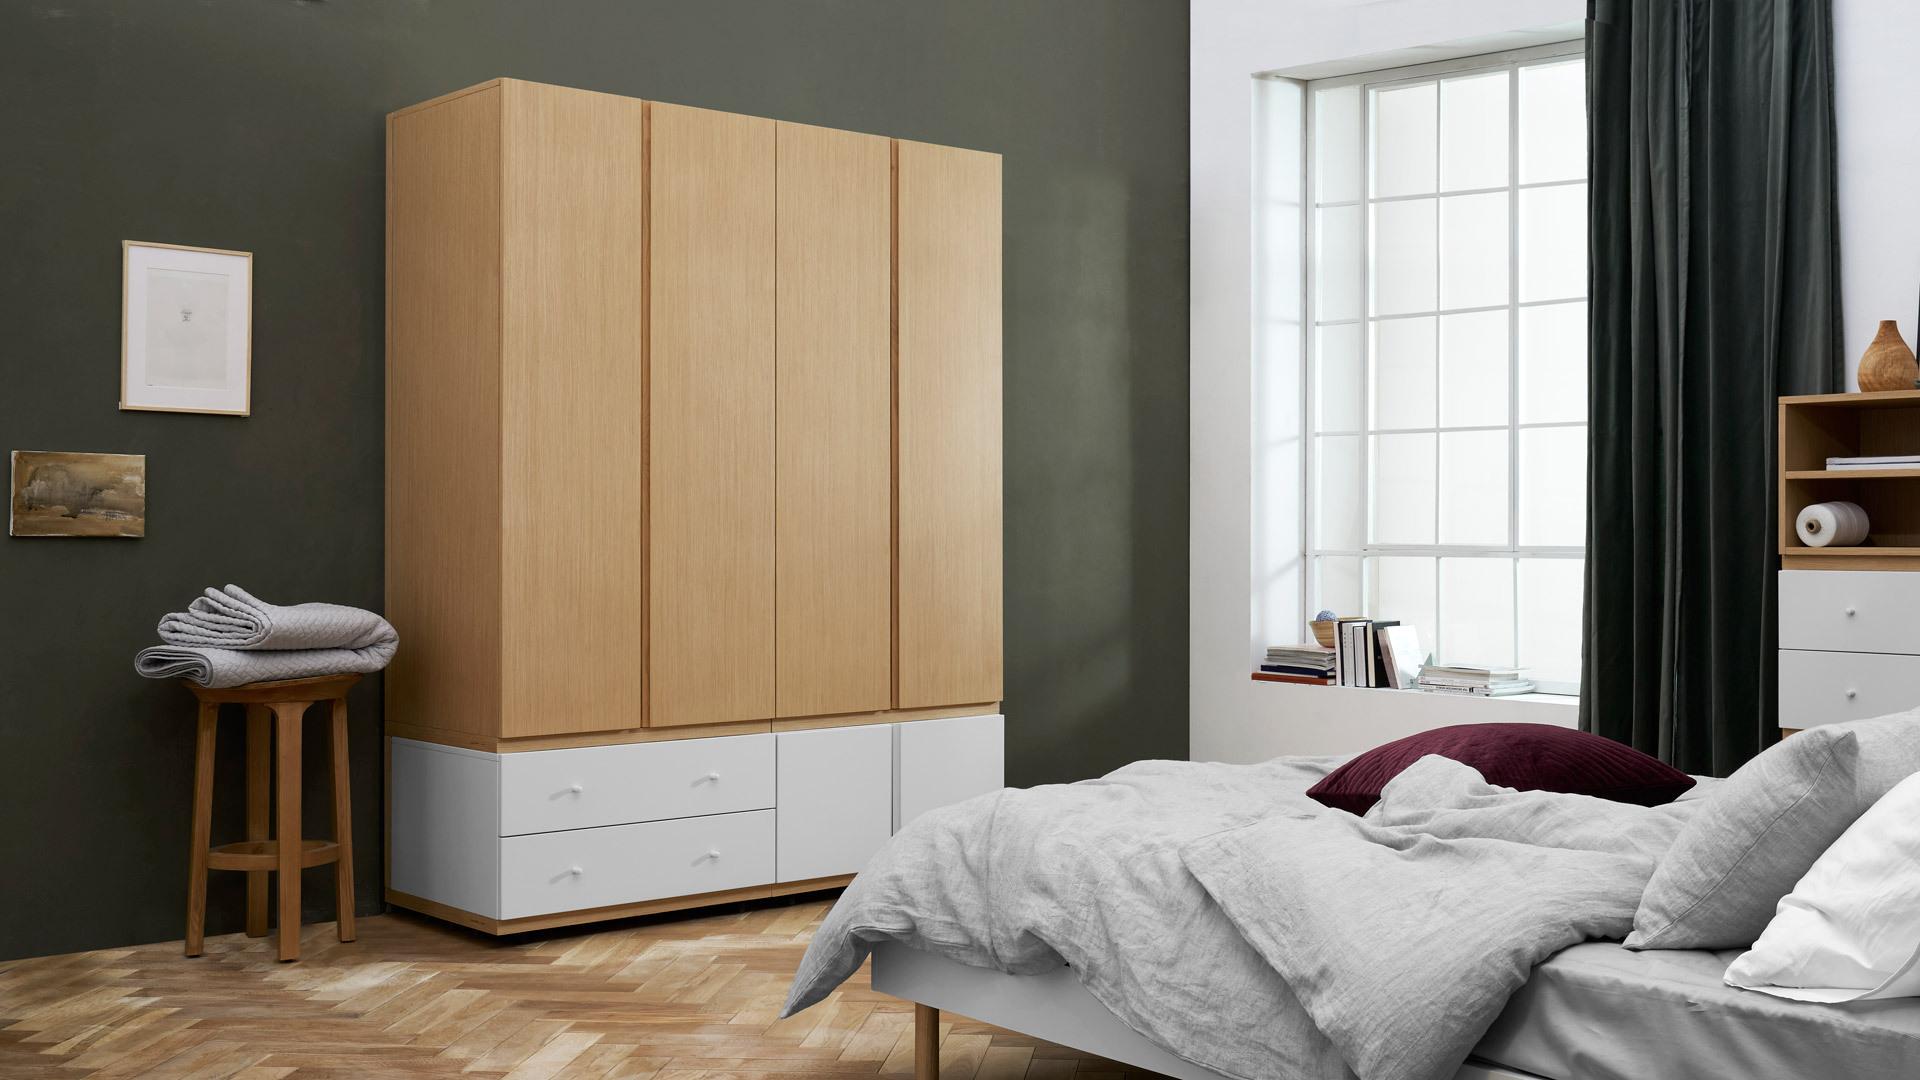 暖木调4门衣柜,让卧室再暖一点